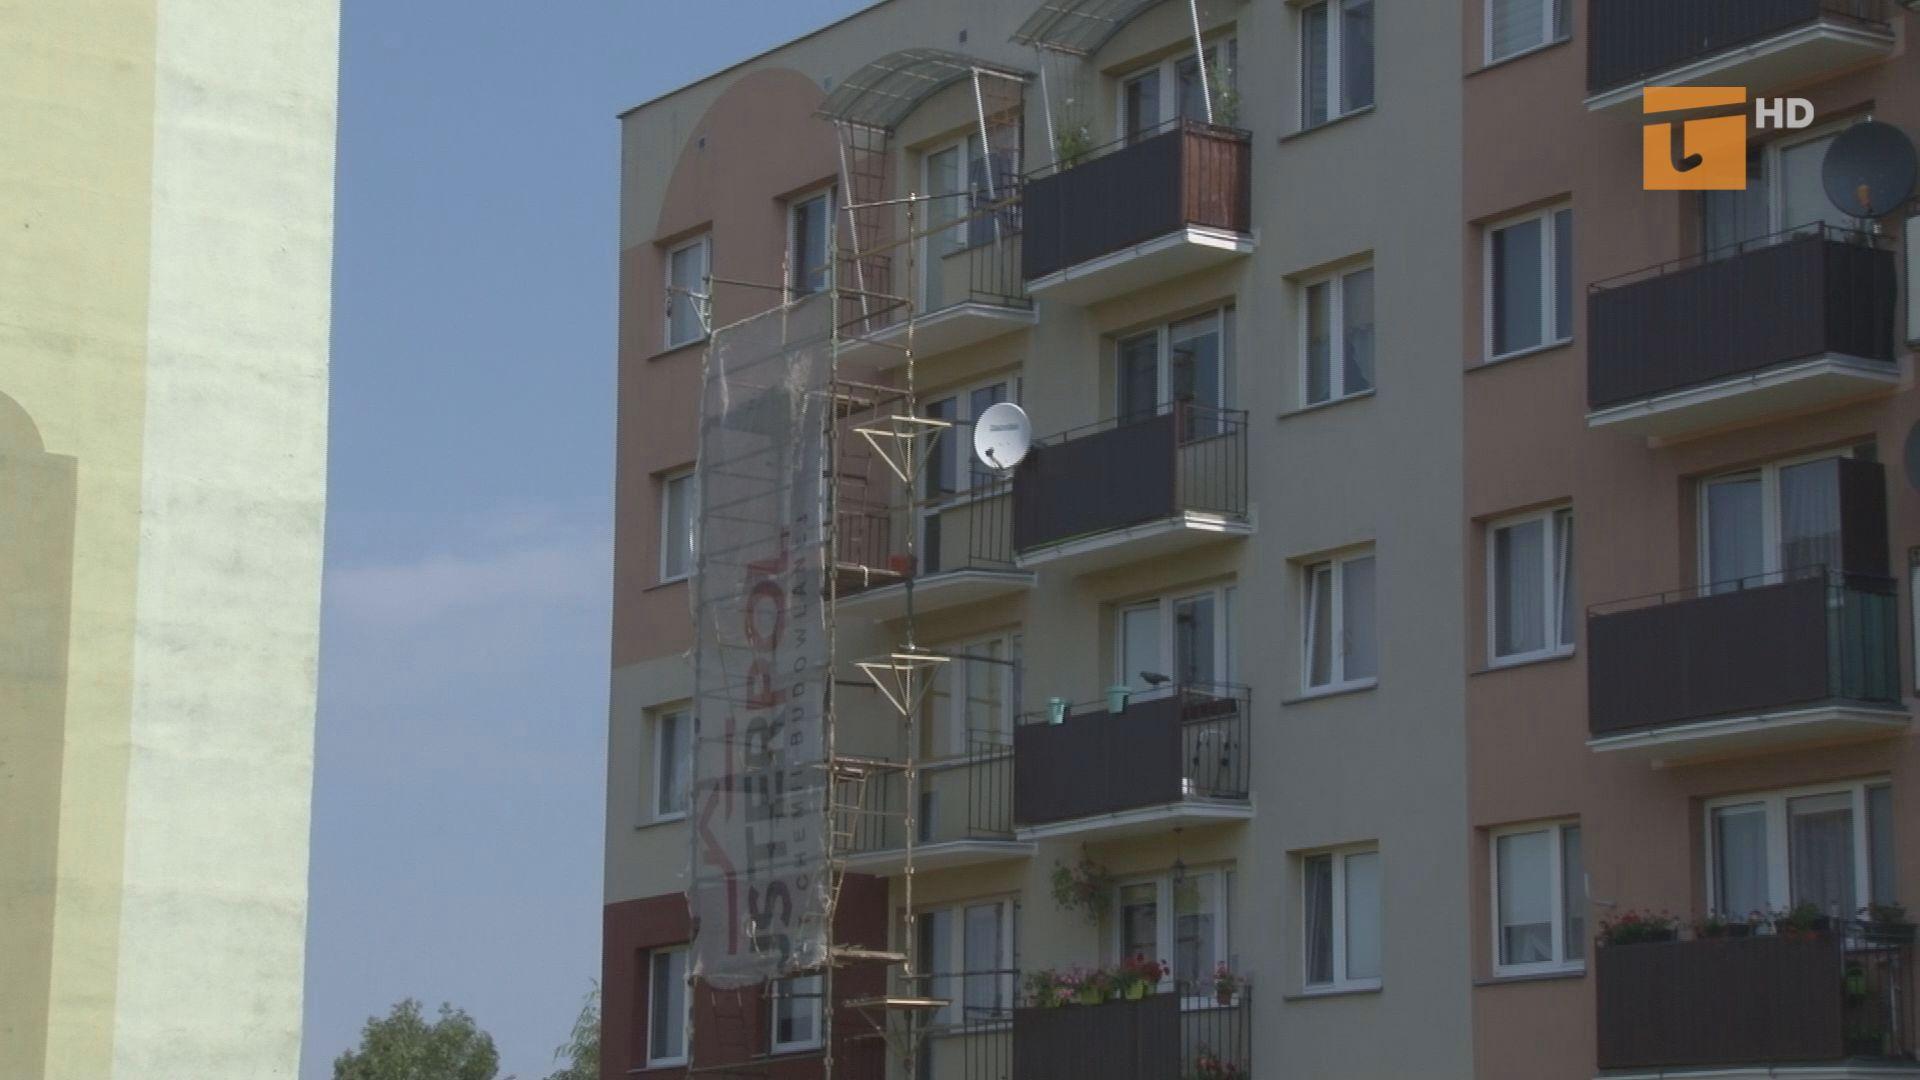 W tym roku spółdzielnia mieszkaniowa wyremontuje około ośmiuset balkonów